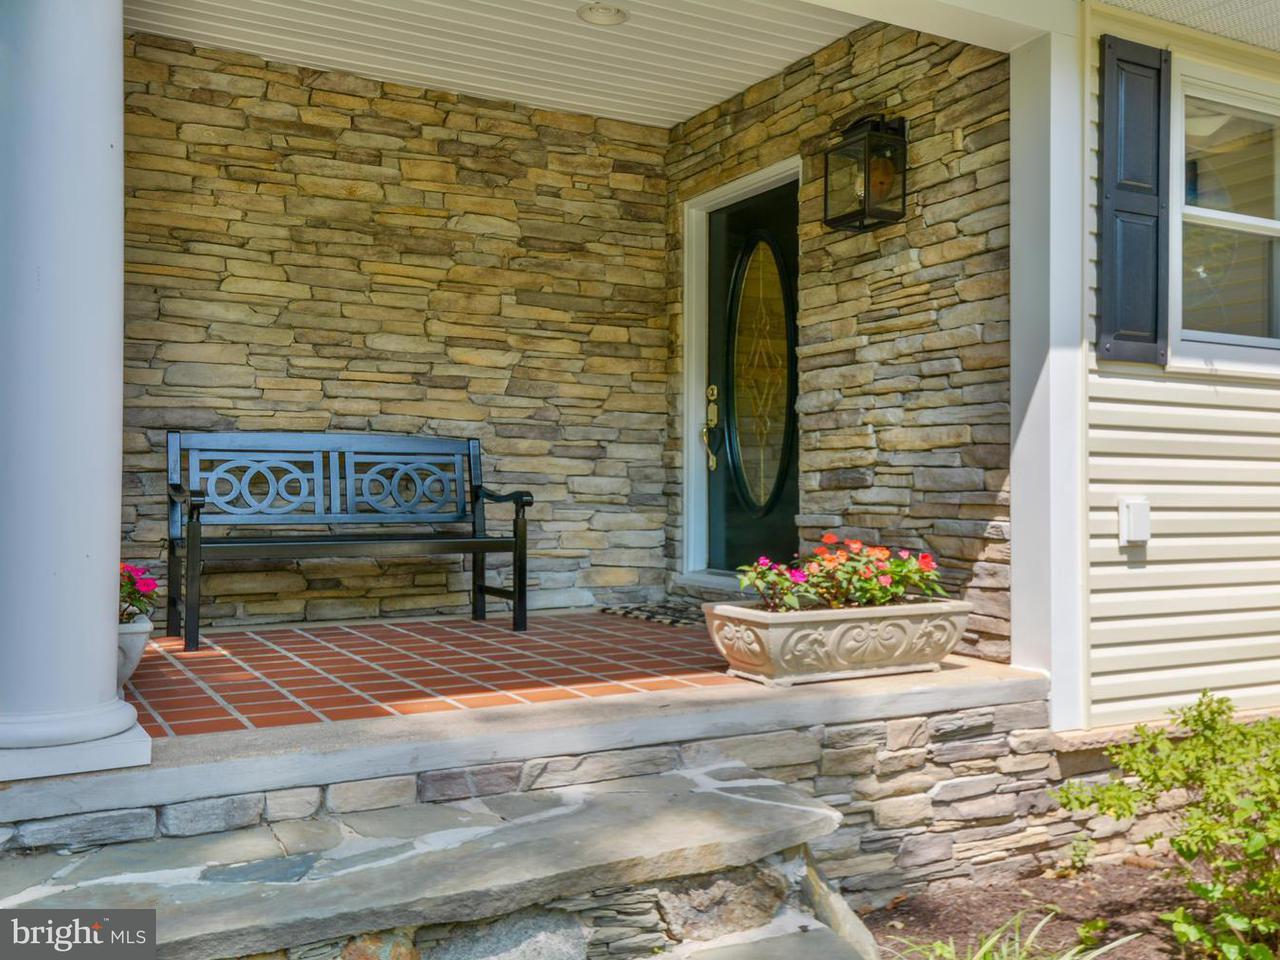 一戸建て のために 売買 アット 4300 MEADOWCLIFF Road 4300 MEADOWCLIFF Road Glen Arm, メリーランド 21057 アメリカ合衆国